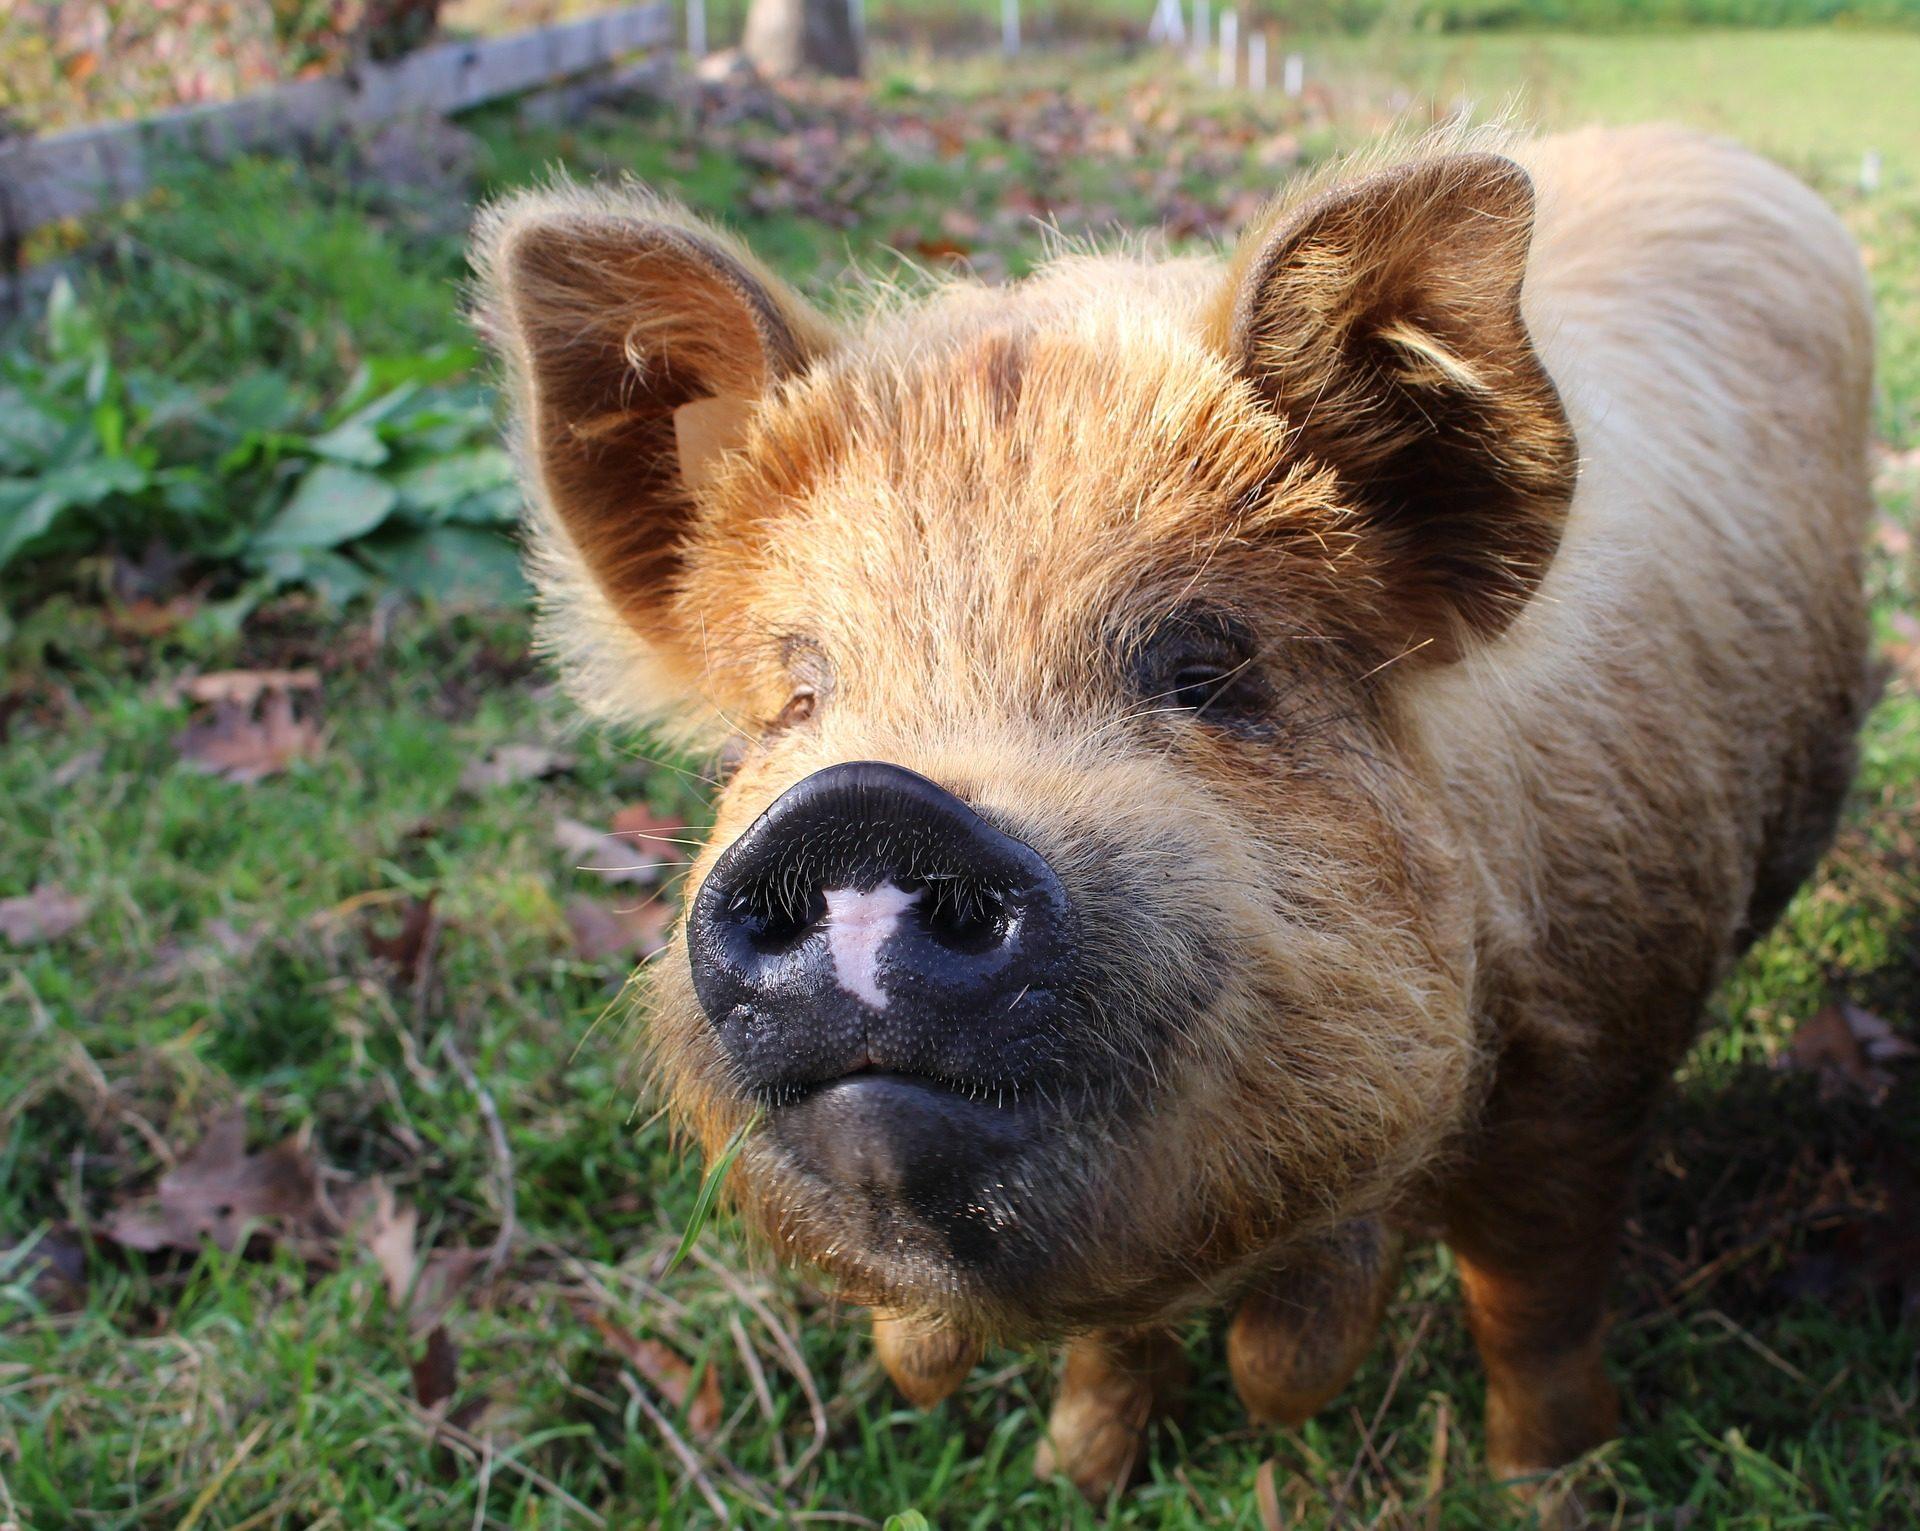 cerdo, свин�Свининаuerco, Рыло, Морро, уши - Обои HD - Профессор falken.com